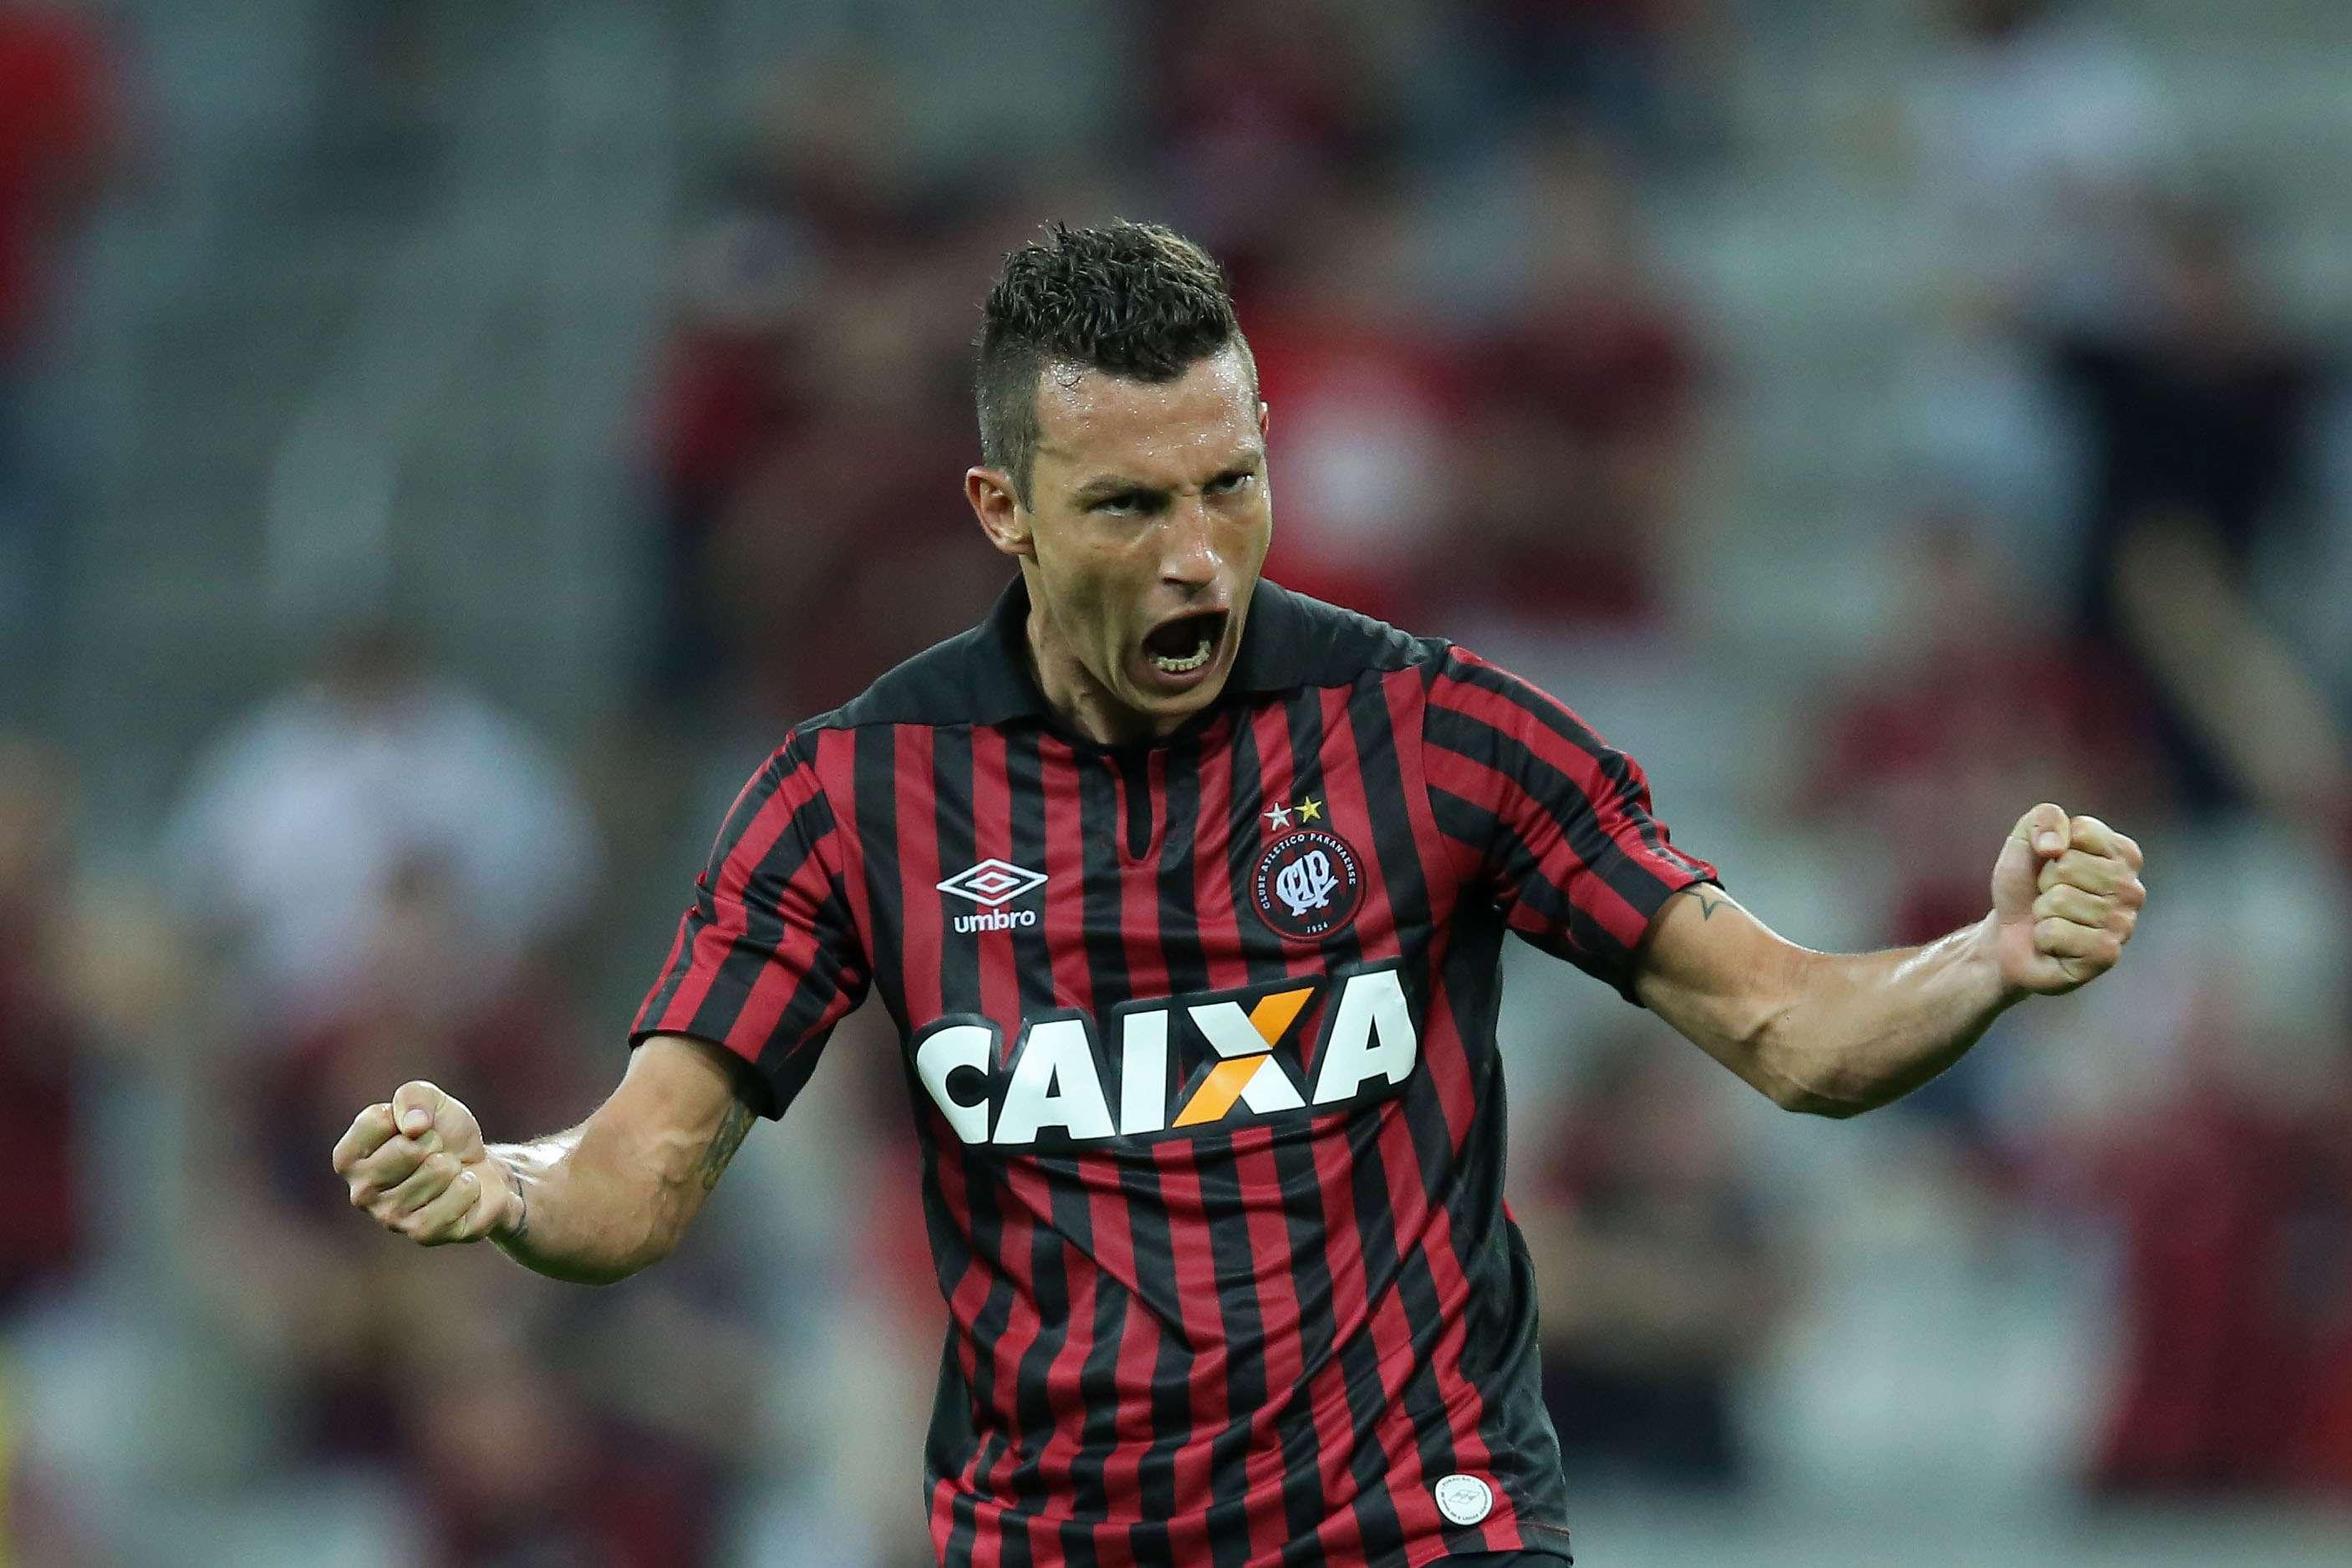 Gustavo fez sua estreia pelo Atlético-PR Foto: Heuler Andrey/Getty Images